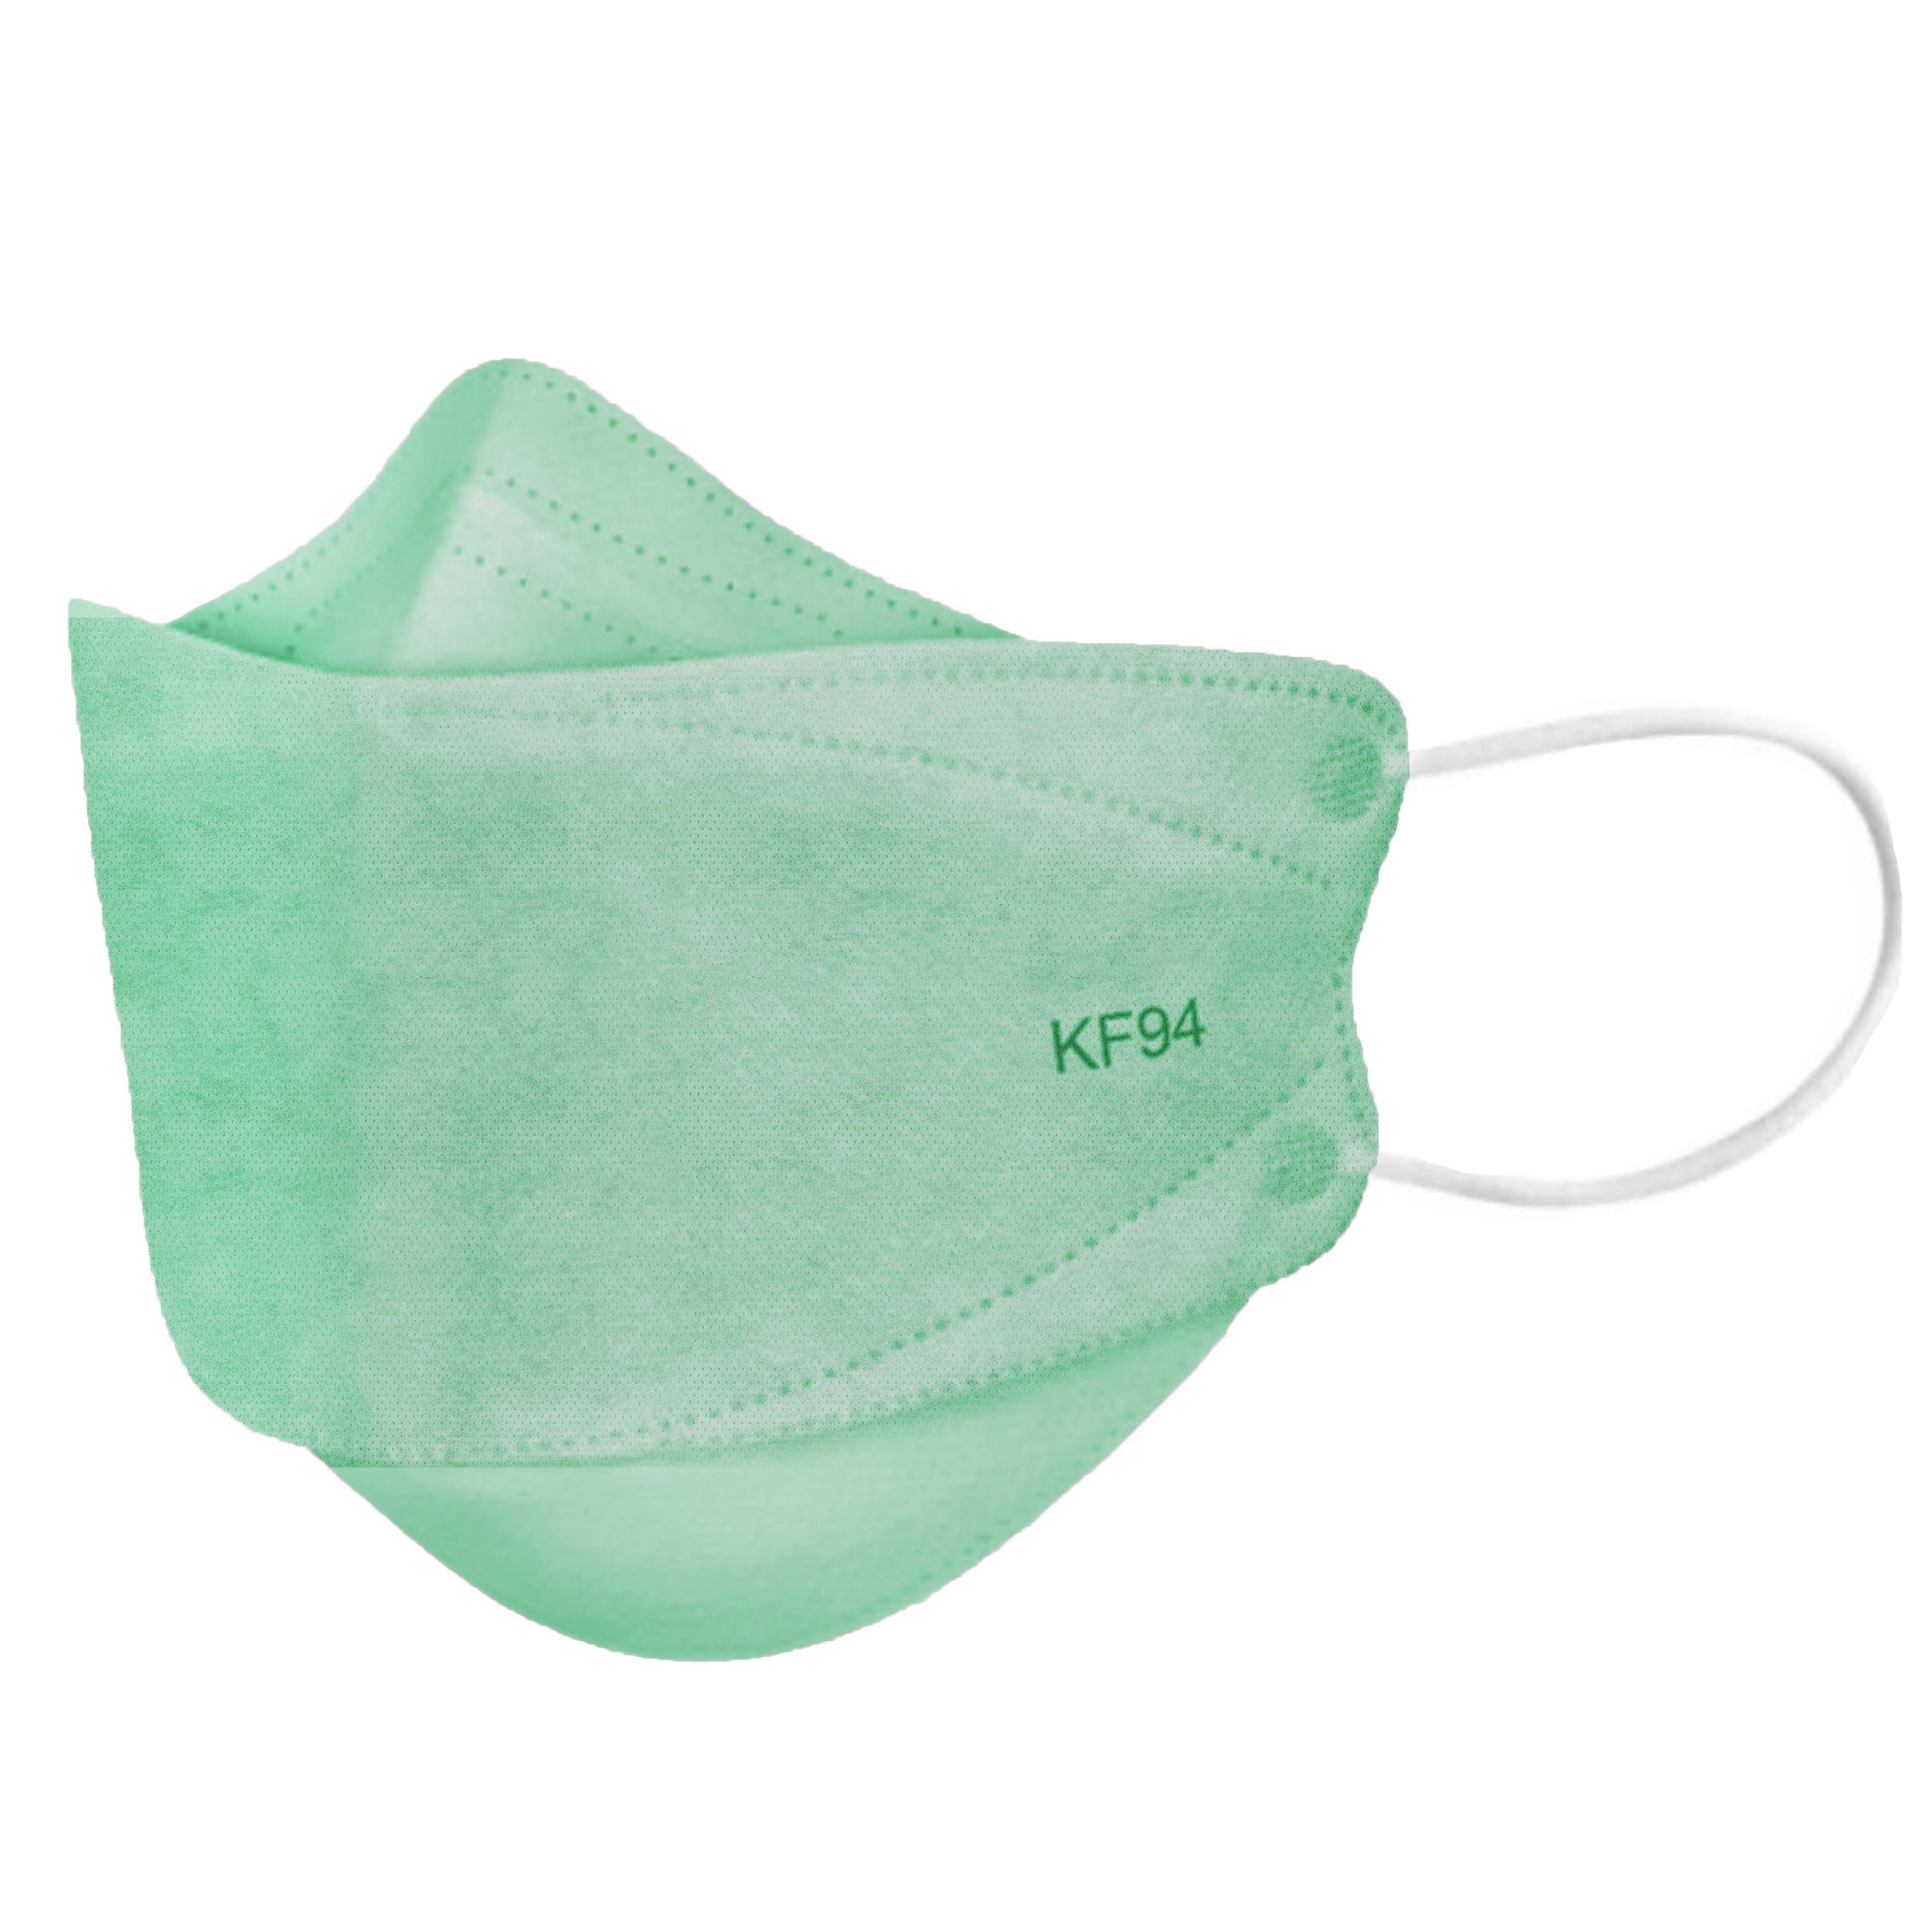 ماسک تنفسی کد 0061SA بسته 25 عددی